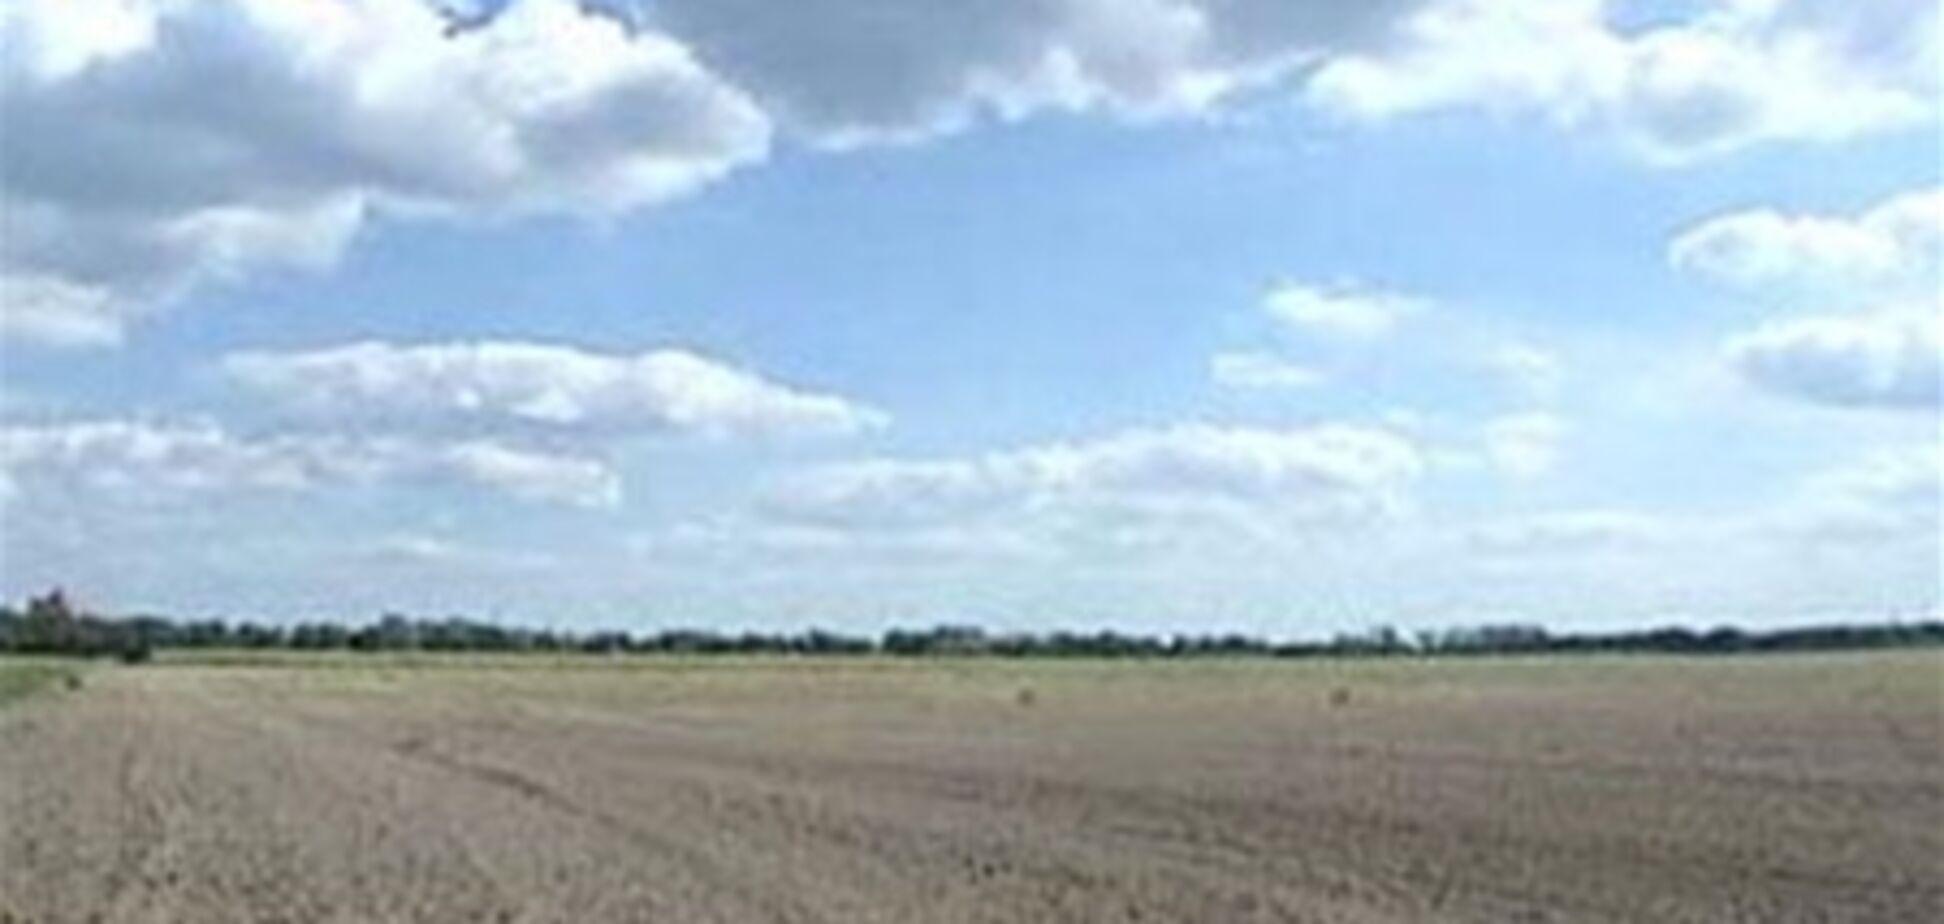 Експерт: прийняття закону про ринок земель можуть відкласти